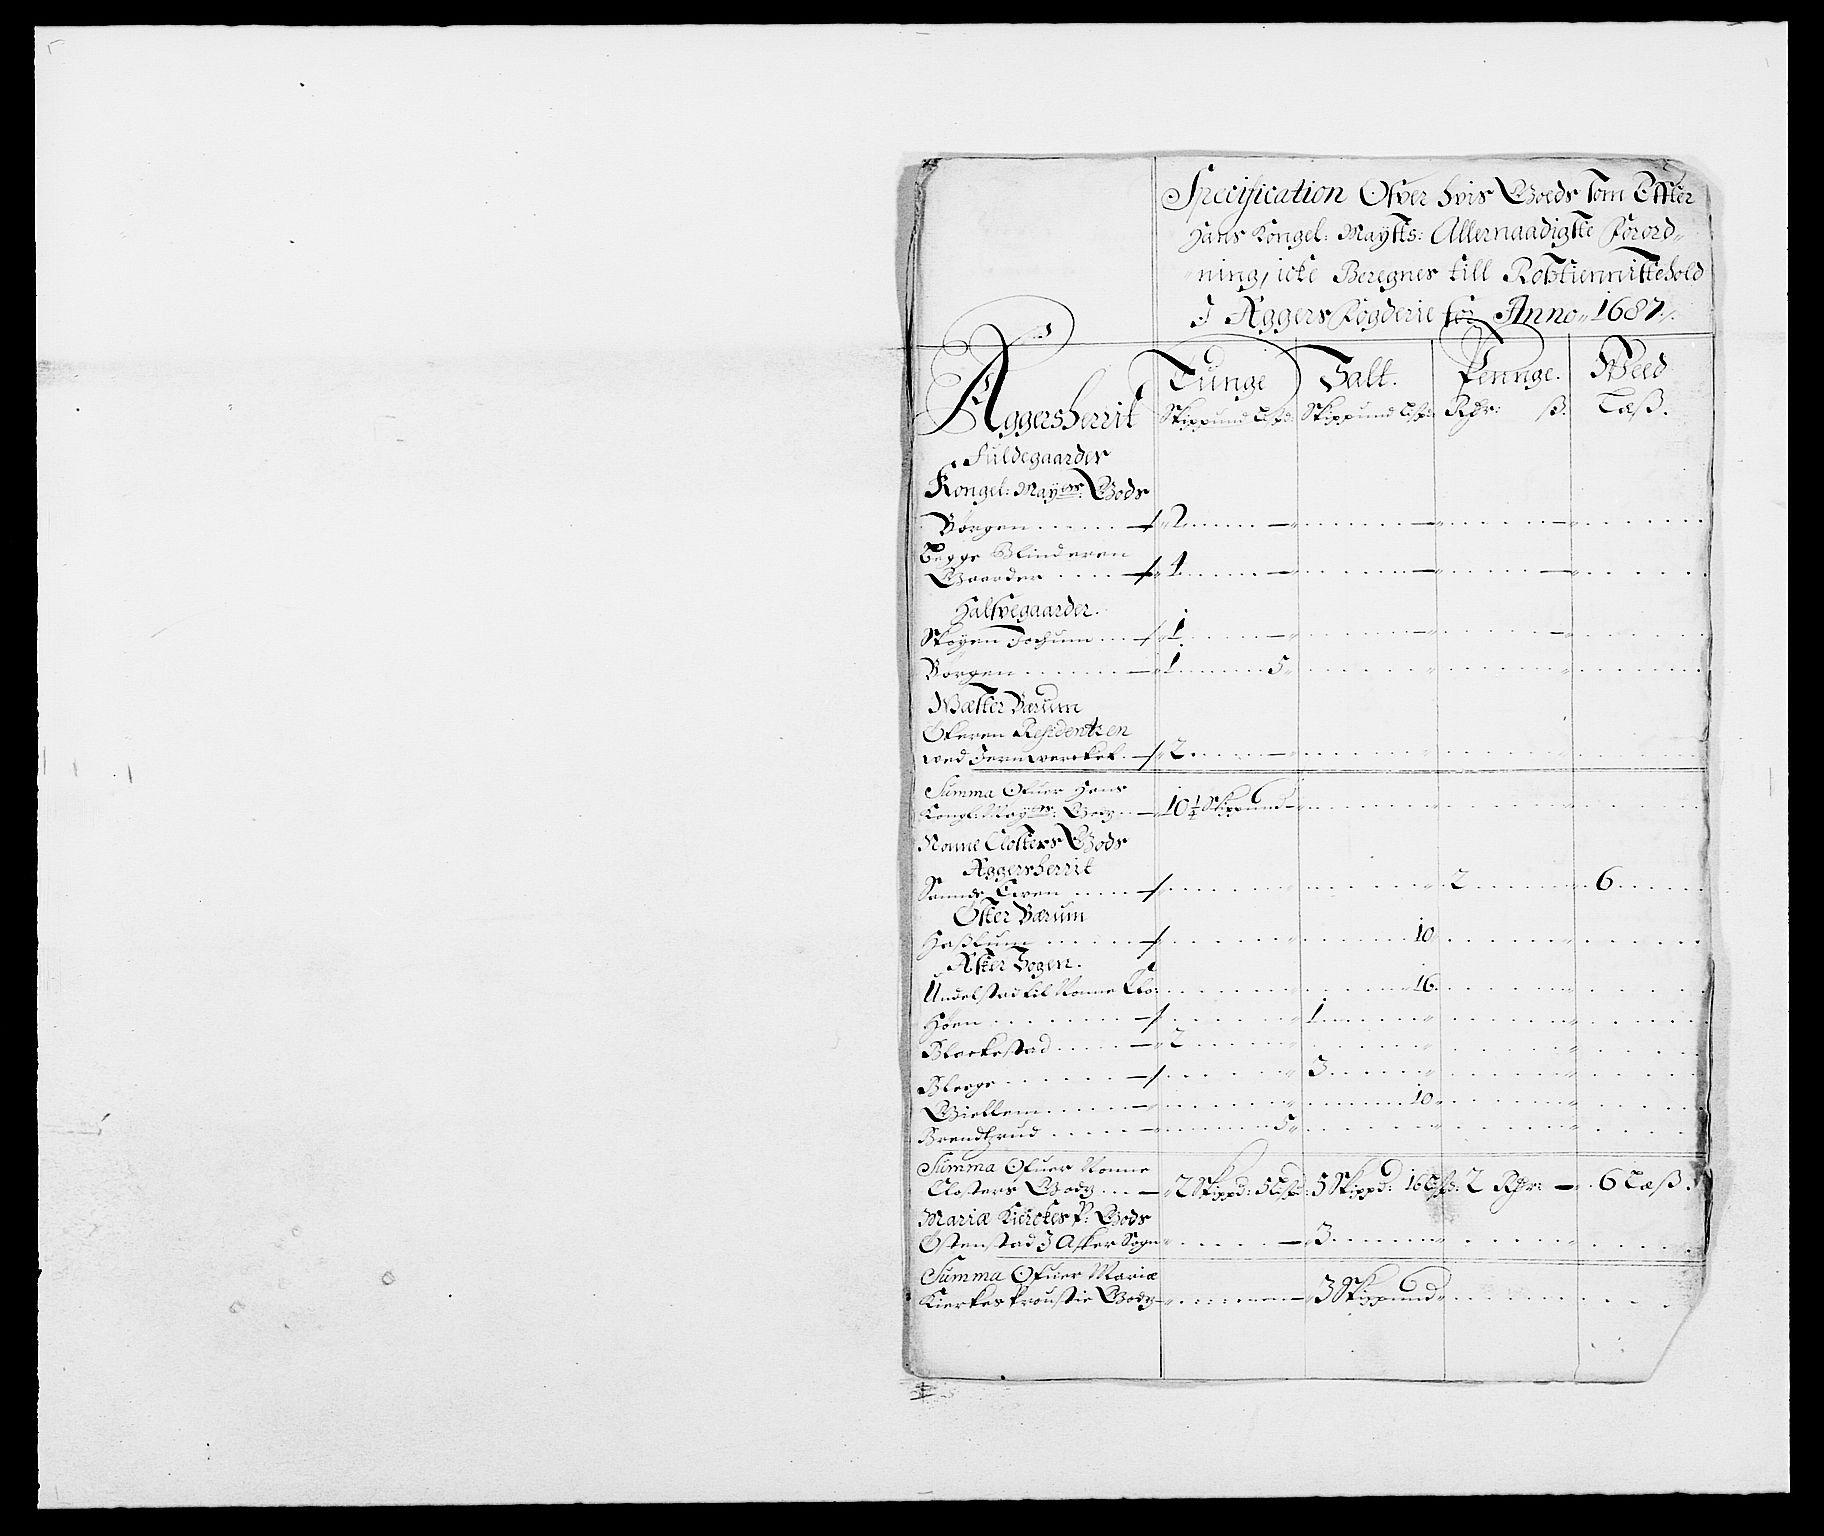 RA, Rentekammeret inntil 1814, Reviderte regnskaper, Fogderegnskap, R08/L0422: Fogderegnskap Aker, 1684-1686, s. 209